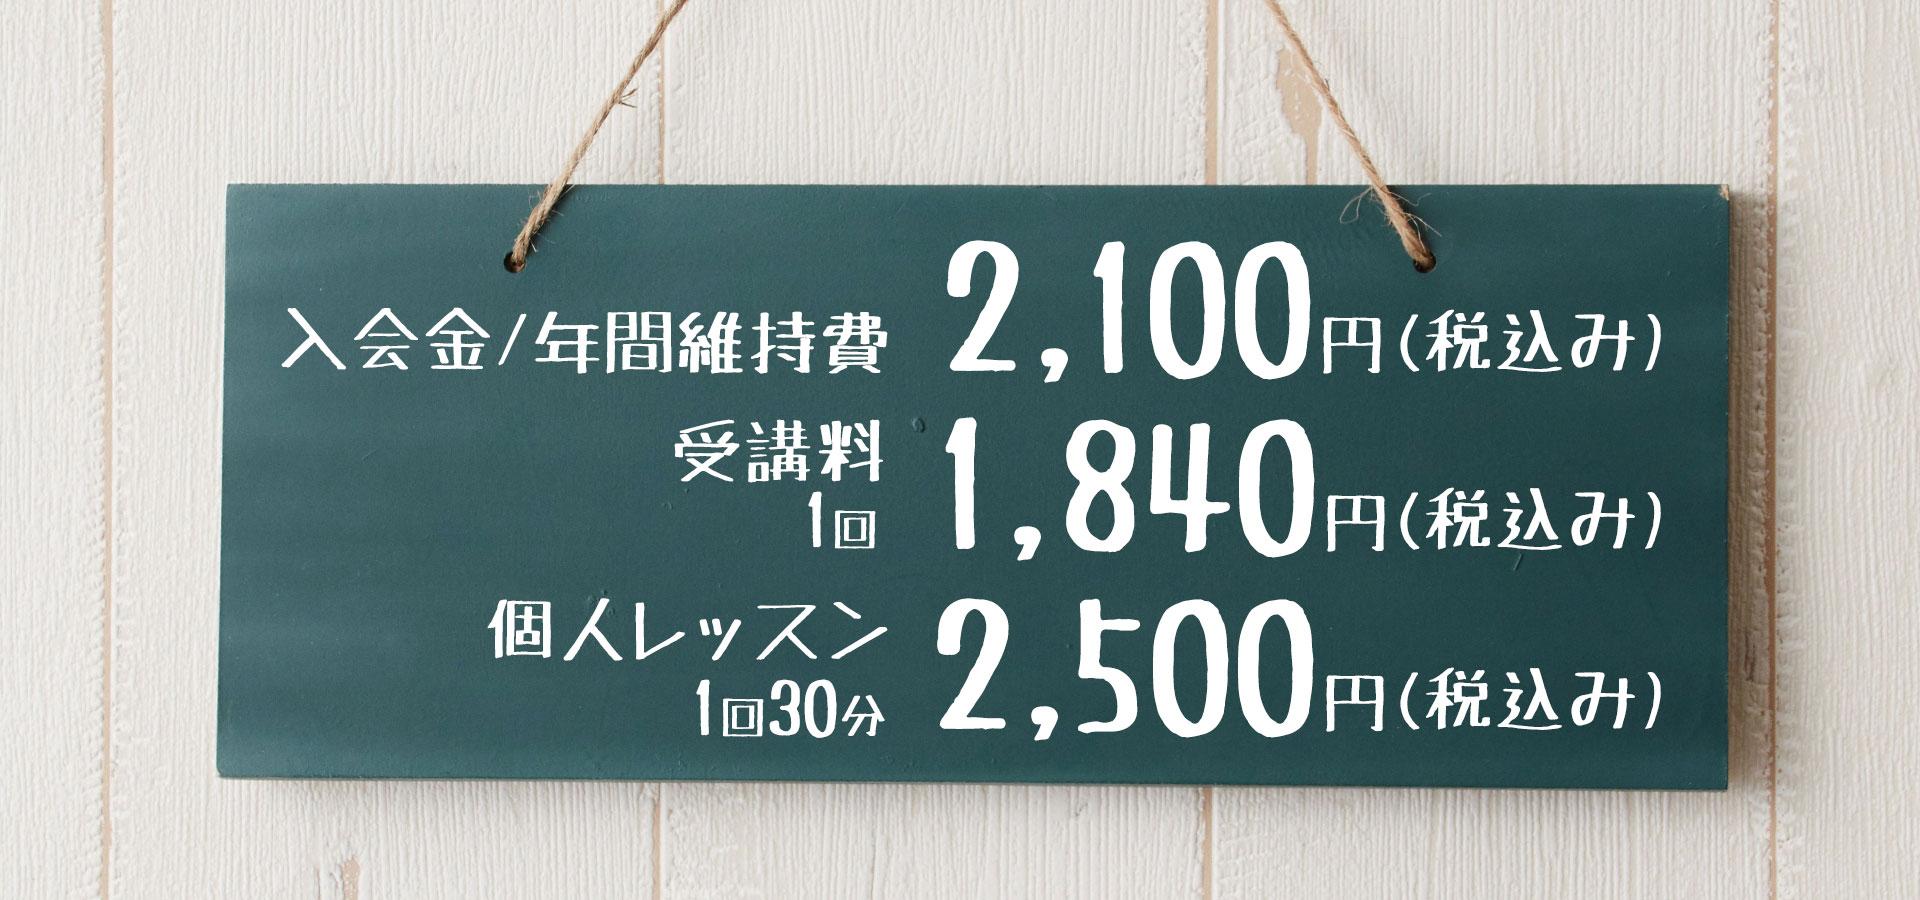 入会金(2,100円/税込み)、年間維持費(2,100円/税込み)受講料1回/1,840円(税込み)